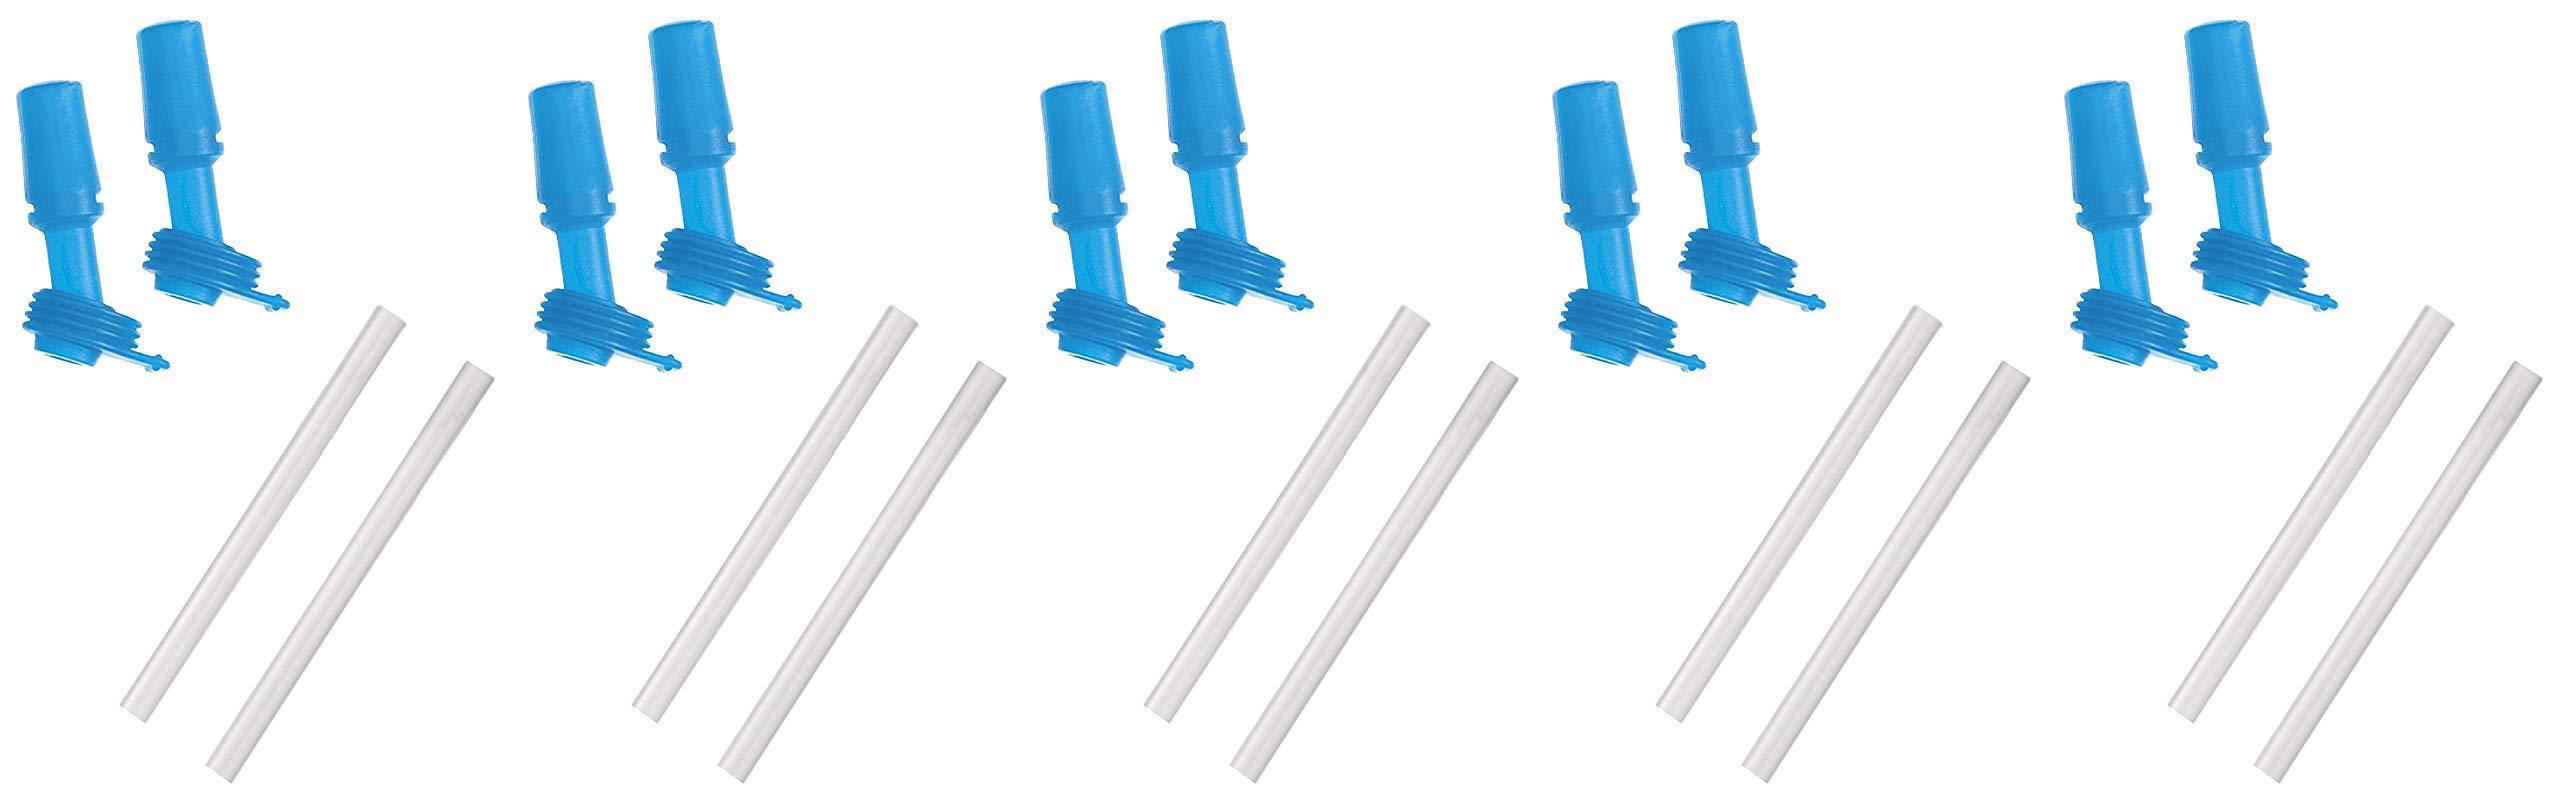 CamelBak Eddy Kids Bottle Accessory 2 Bite Valves/2 Straws, One Size, Ice Blue (5 Pack)